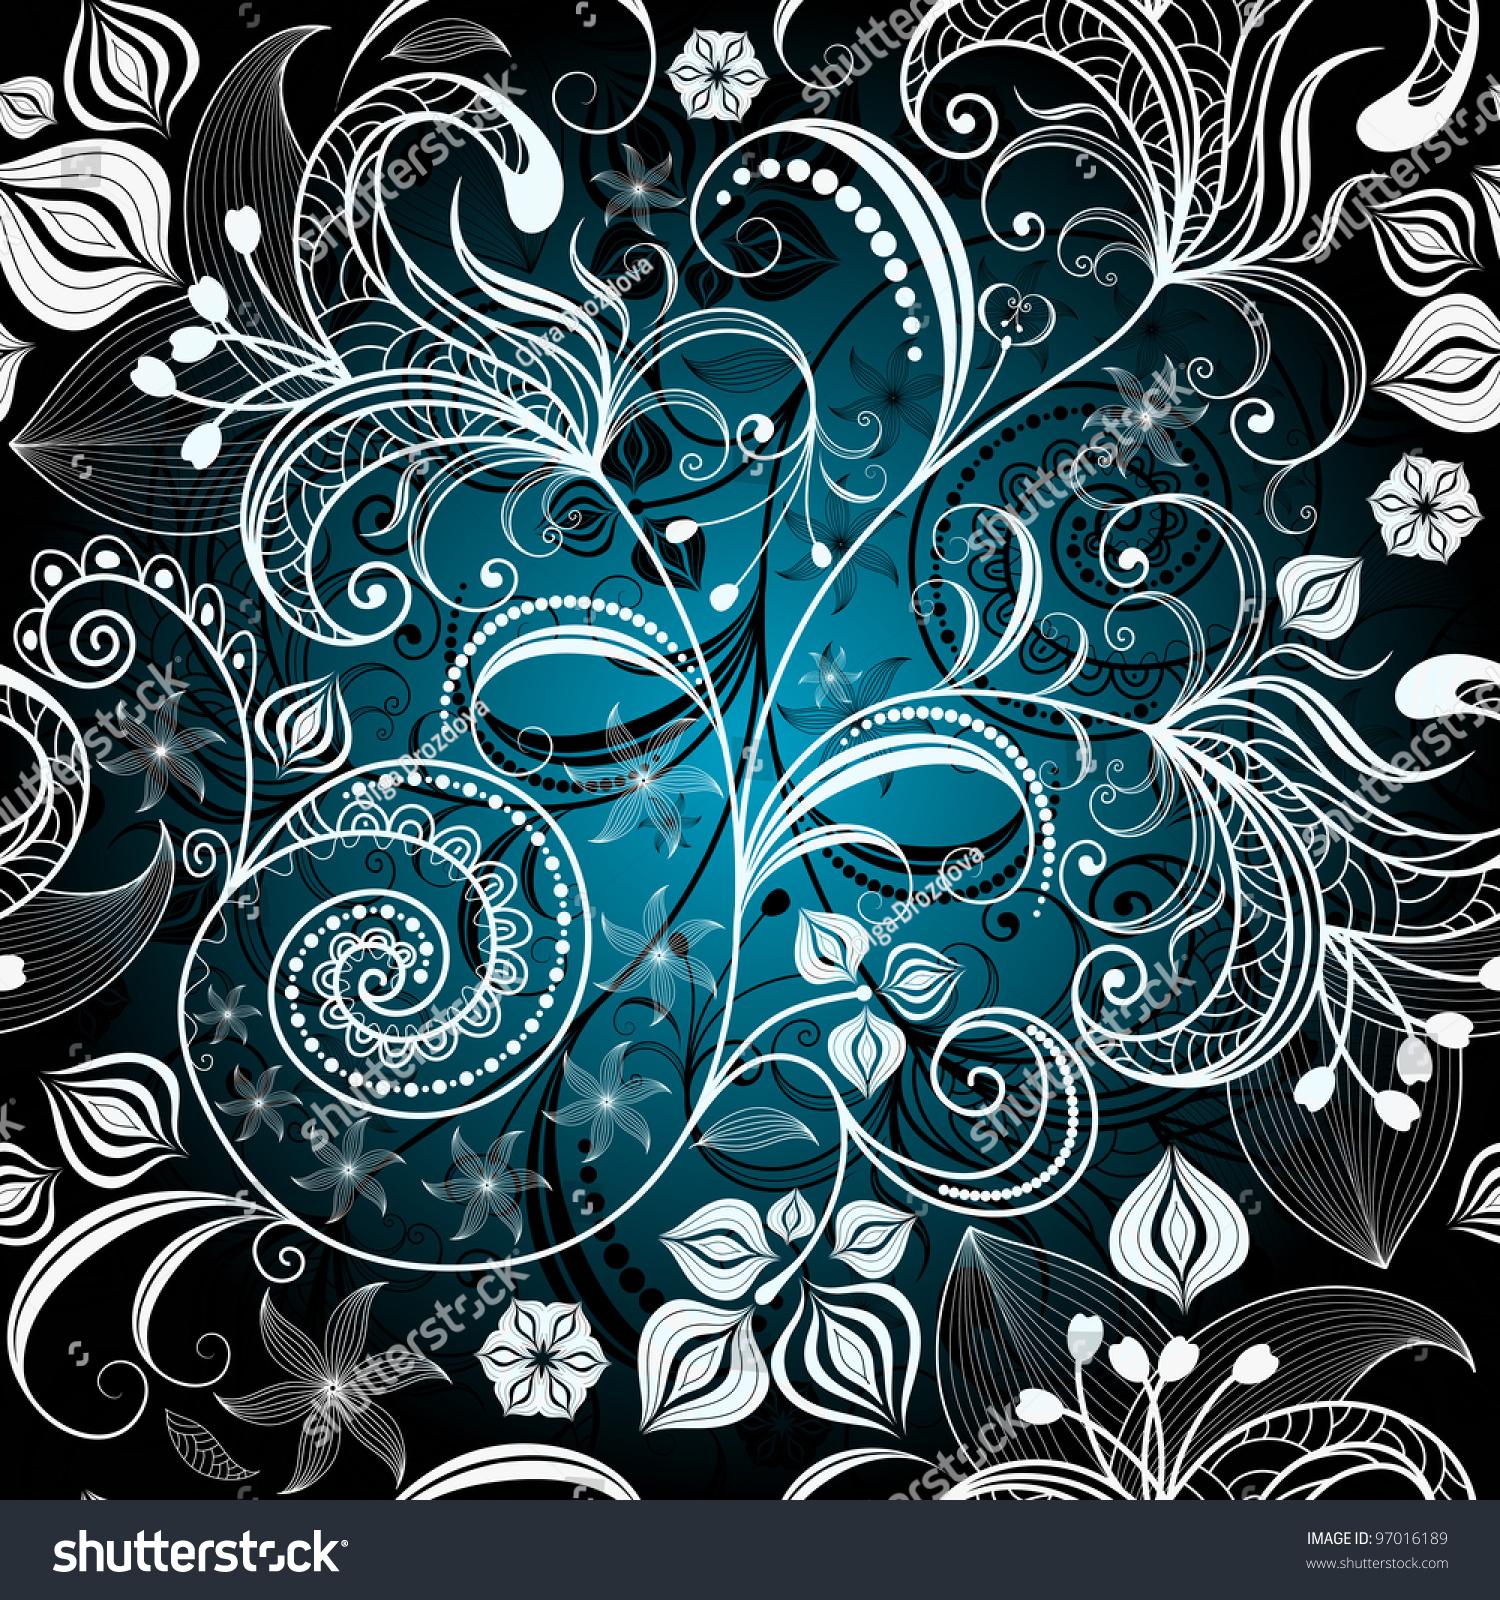 Download wallpapers black floral pattern, 4k, floral ...   Black Floral Vintage Pattern